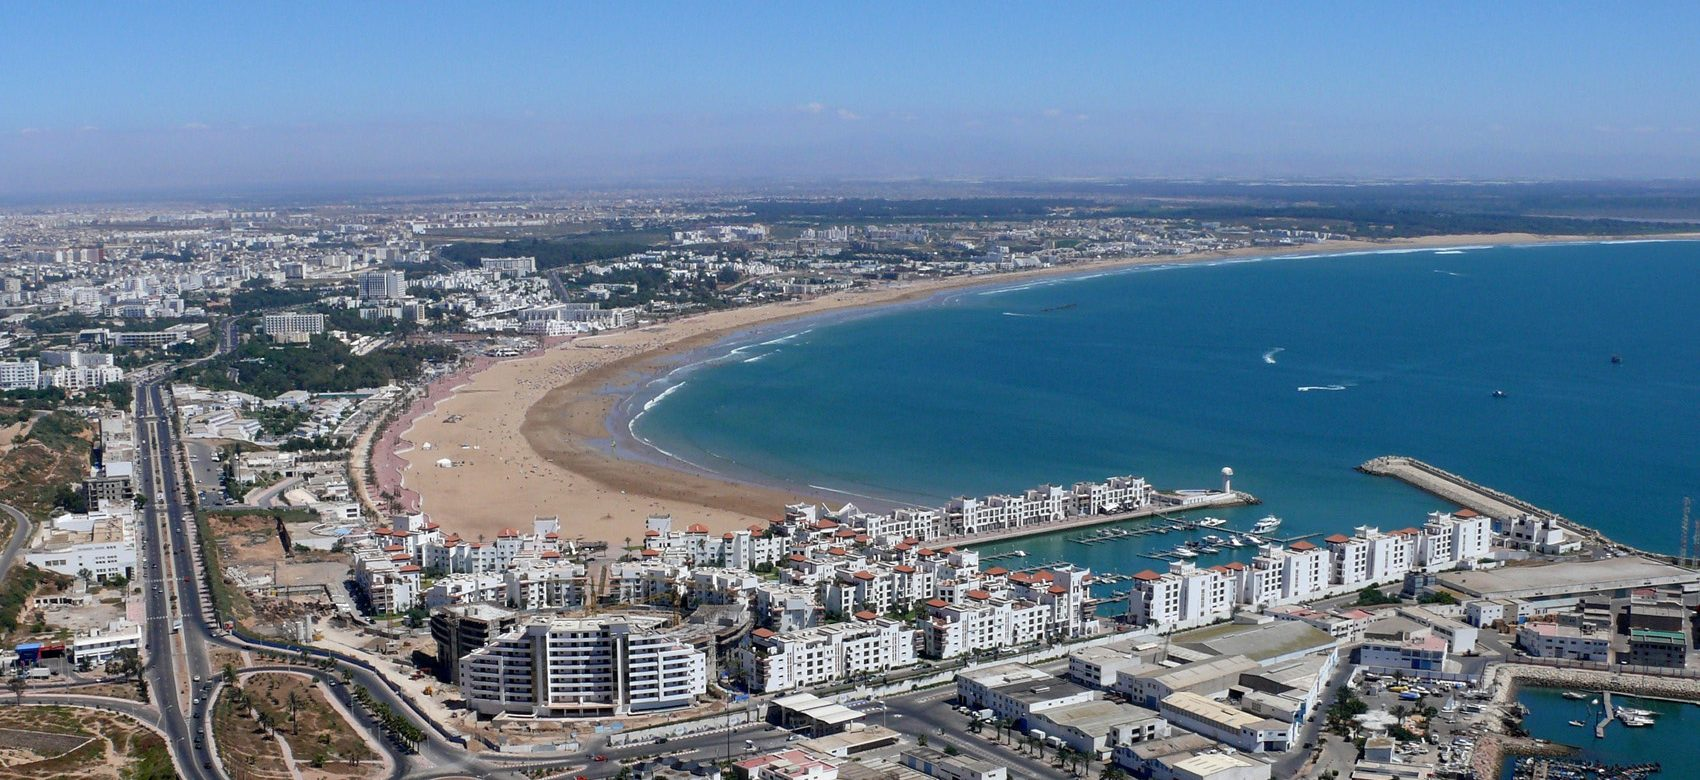 Maroc : Le programme de développement urbain d'Agadir pour 2020-2024 est lancé